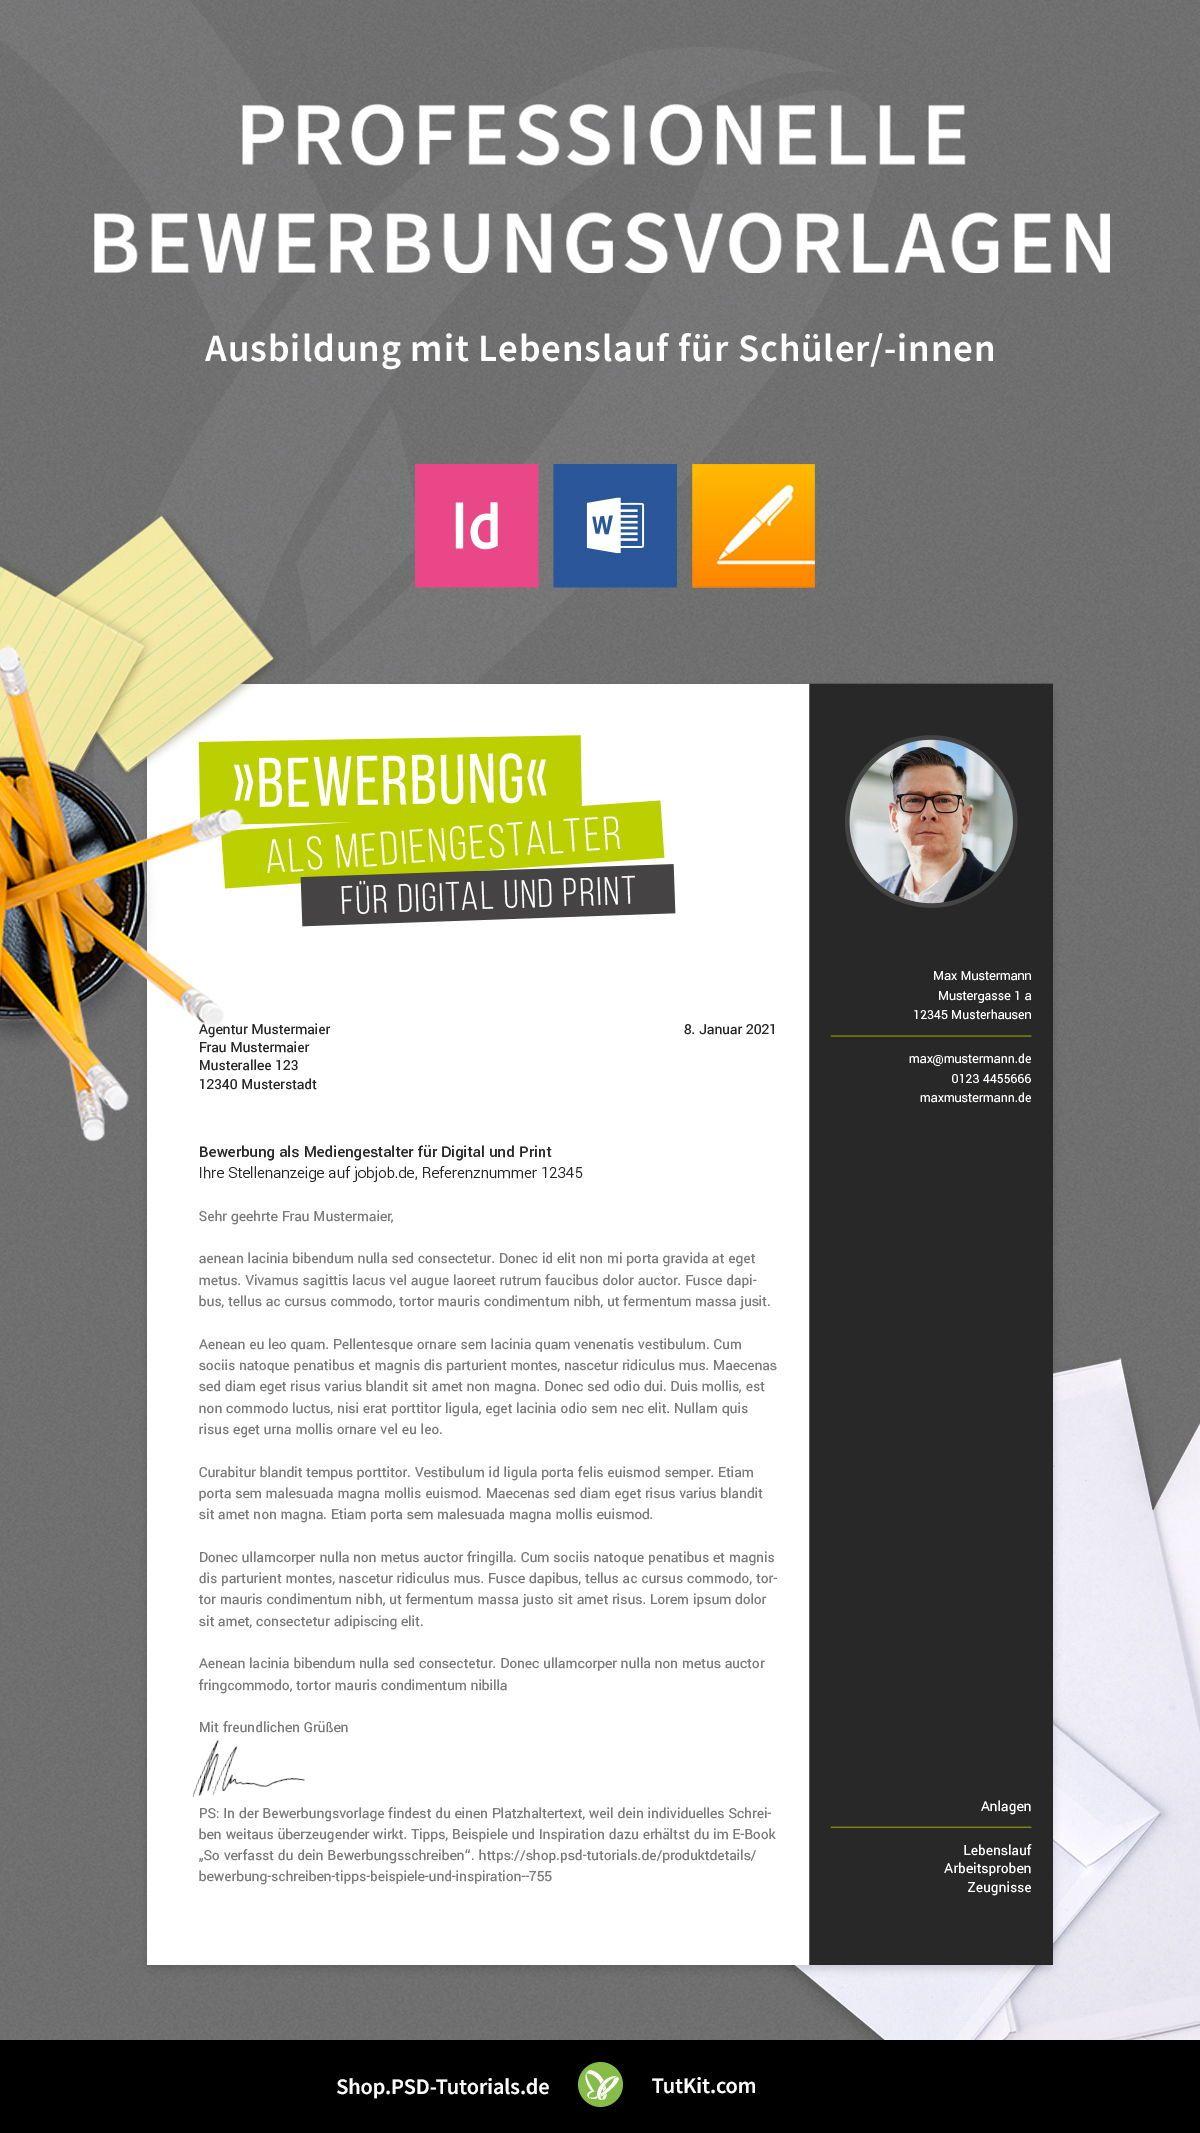 Bewerbung Mediengestalter In Kreatives Design Muster In 2020 Mediengestalter Kreatives Design Bewerbung Lebenslauf